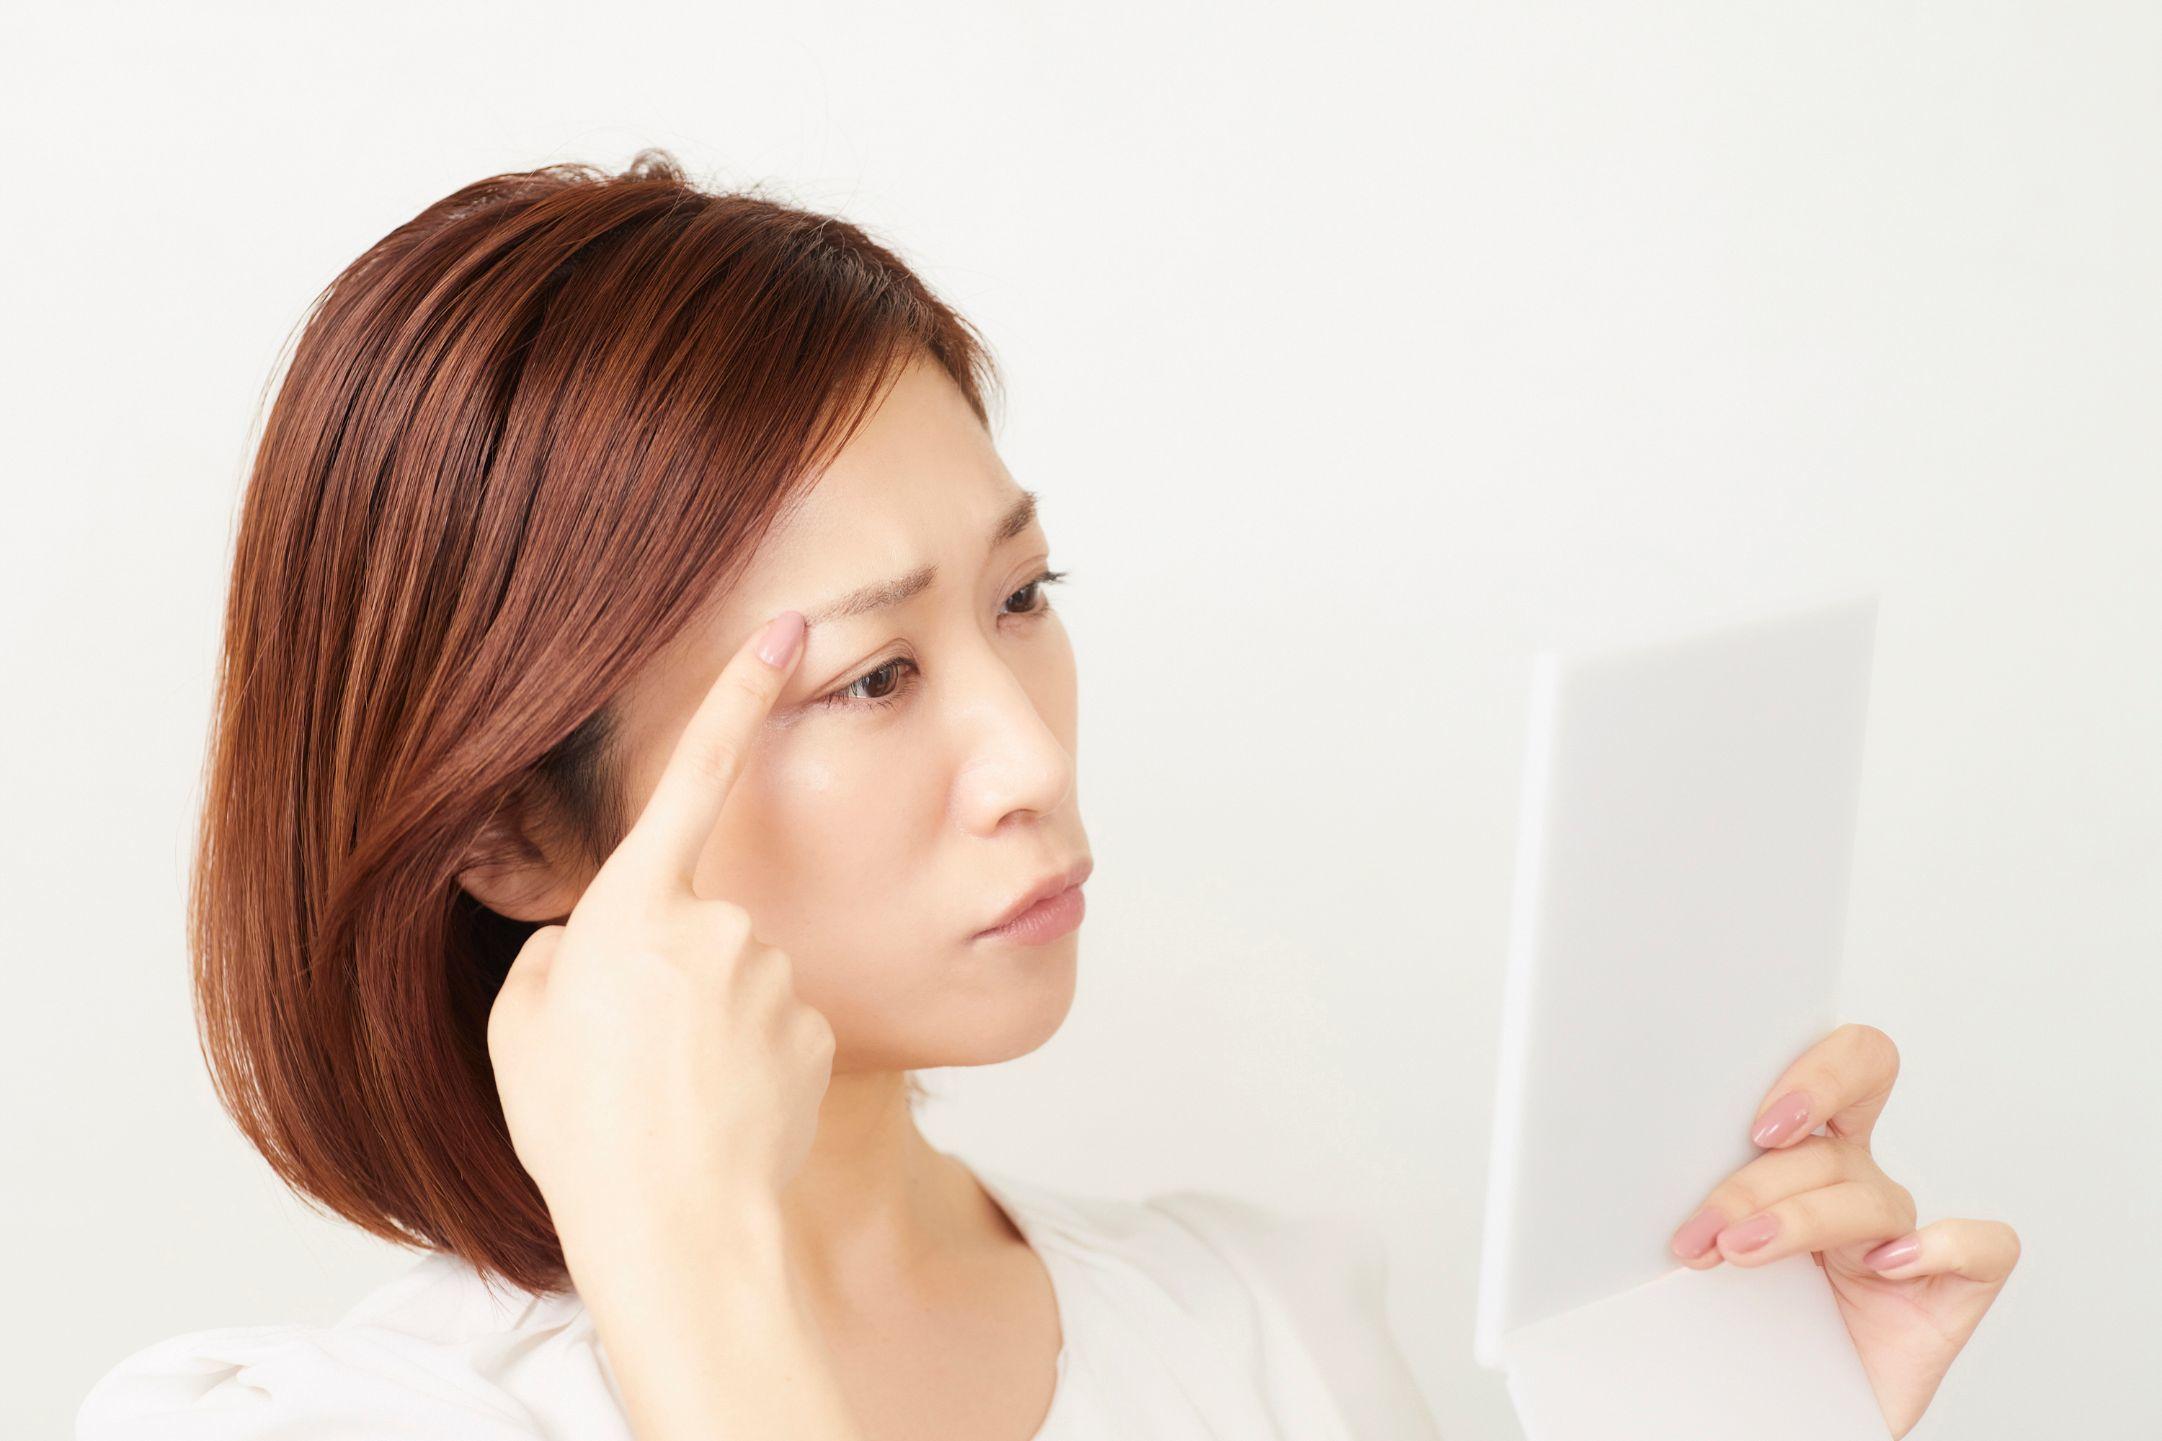 「眉毛を左右対称に描けません」への驚くべき答えとは?【マミ様のお悩み解決堂 vol.1】